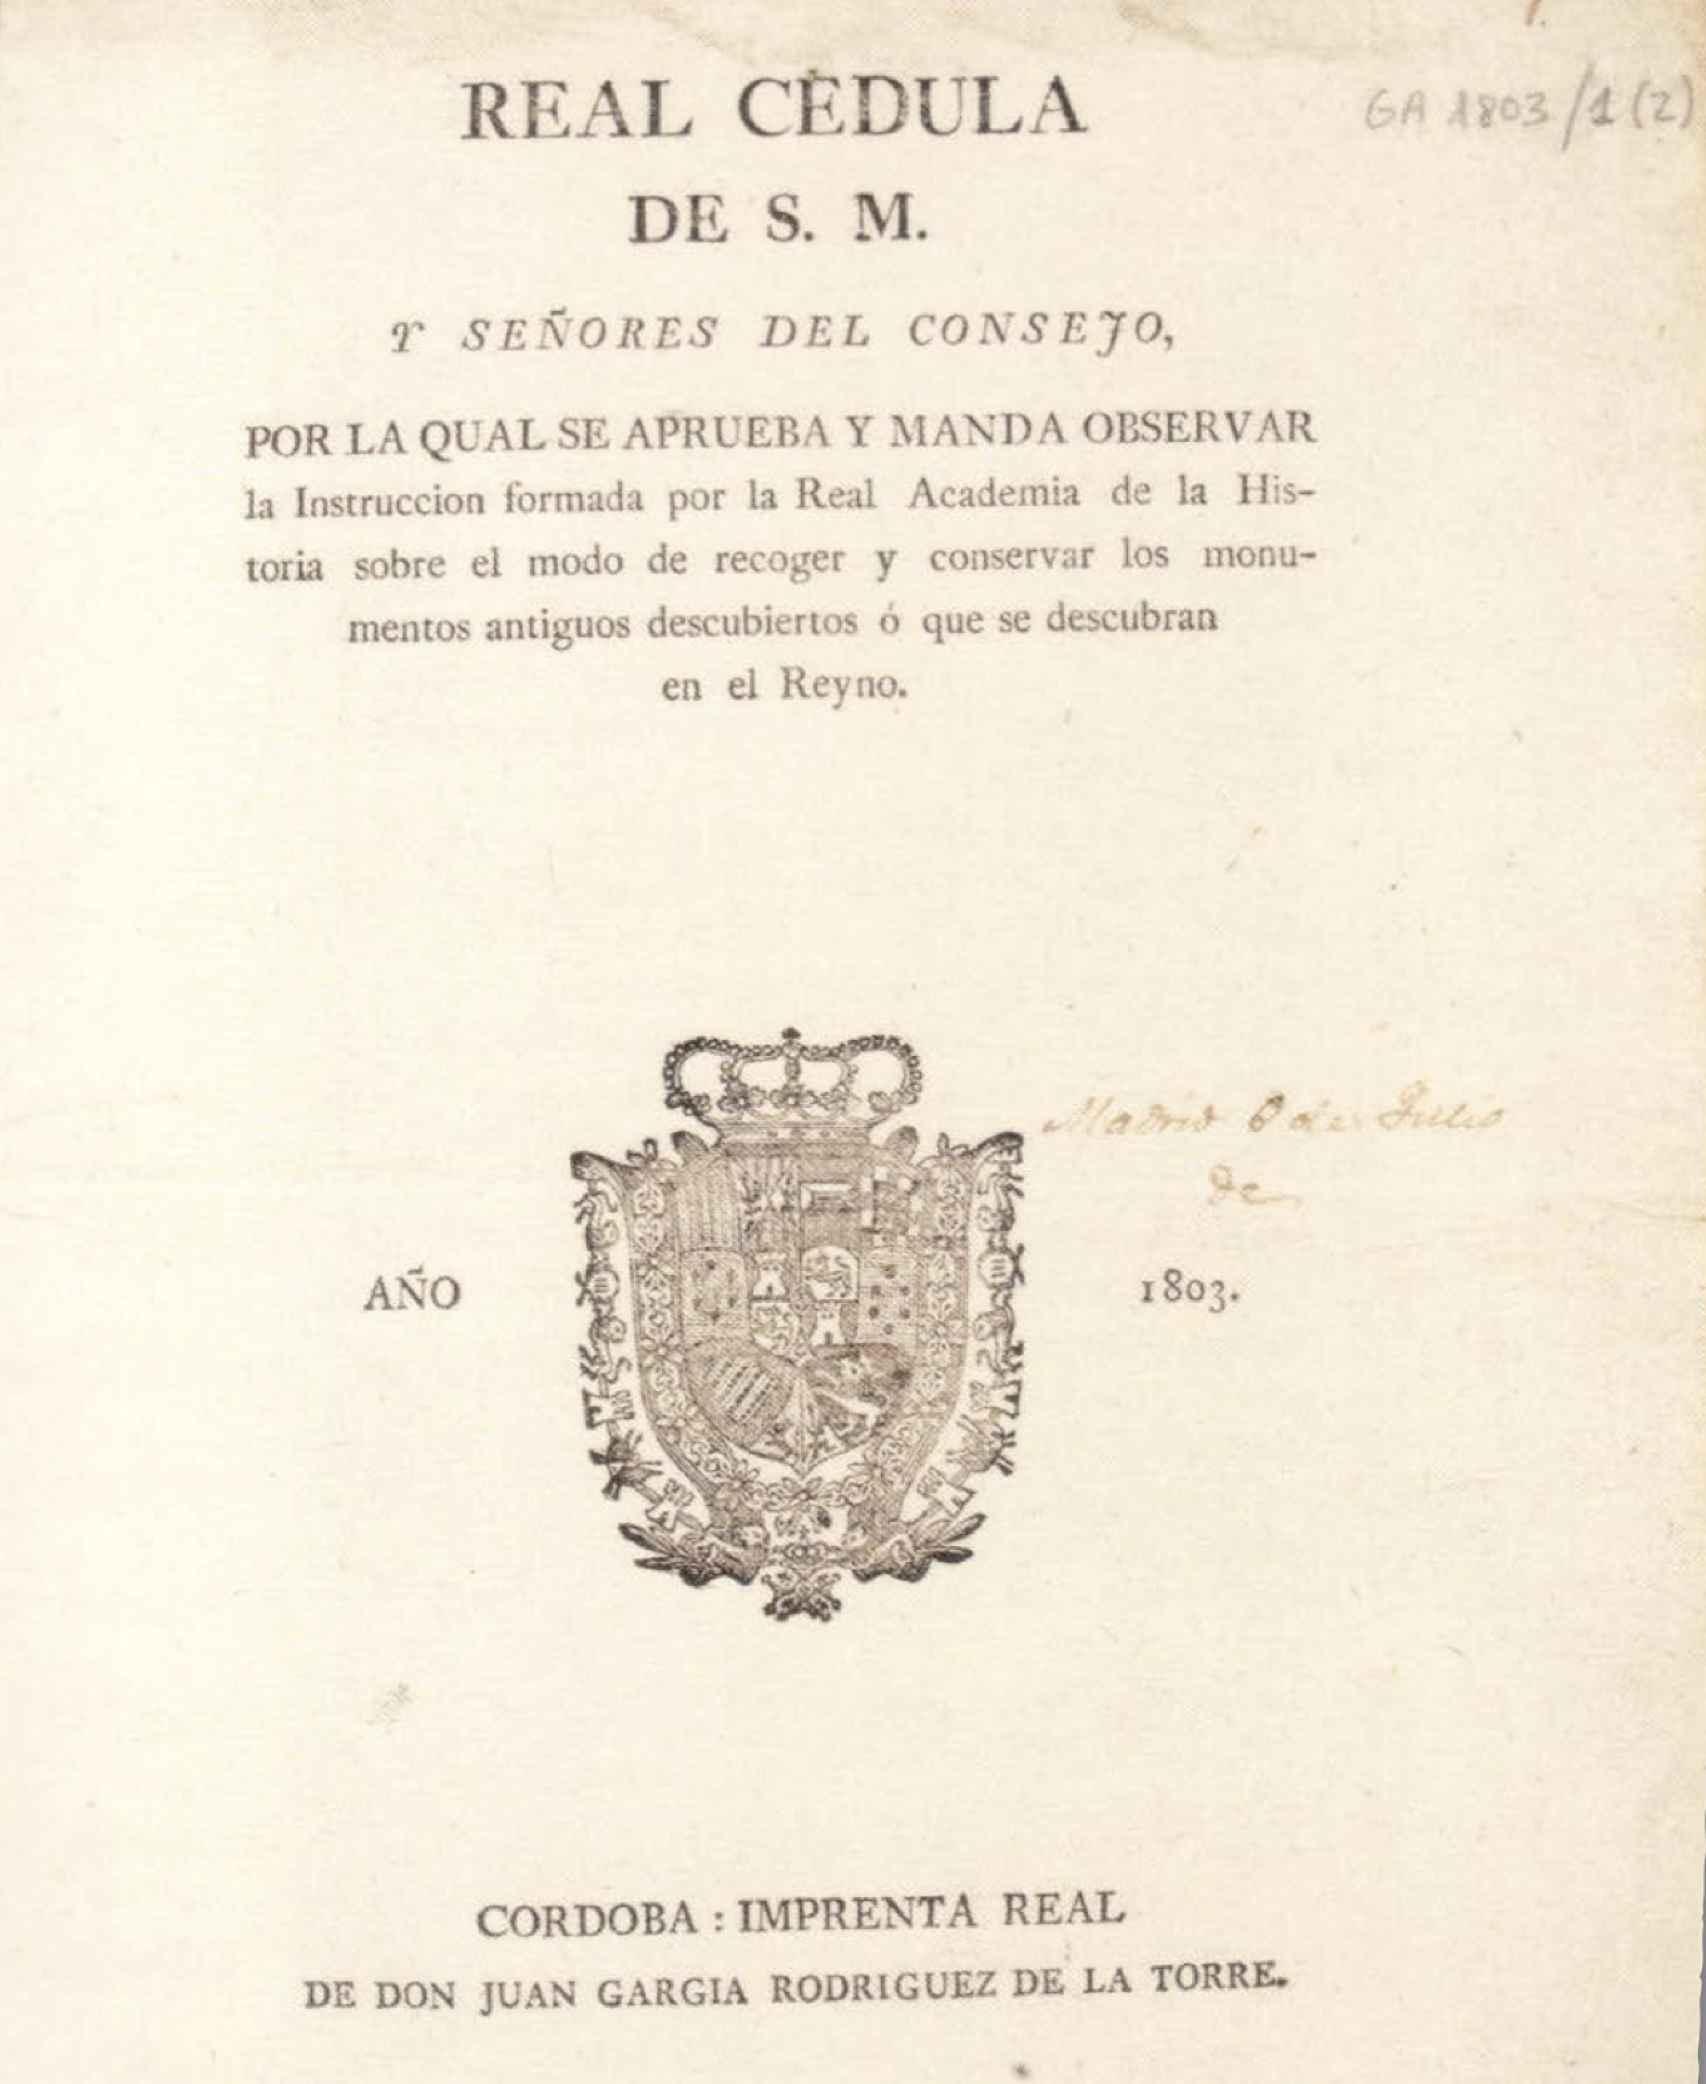 Real Cédula de 1803.